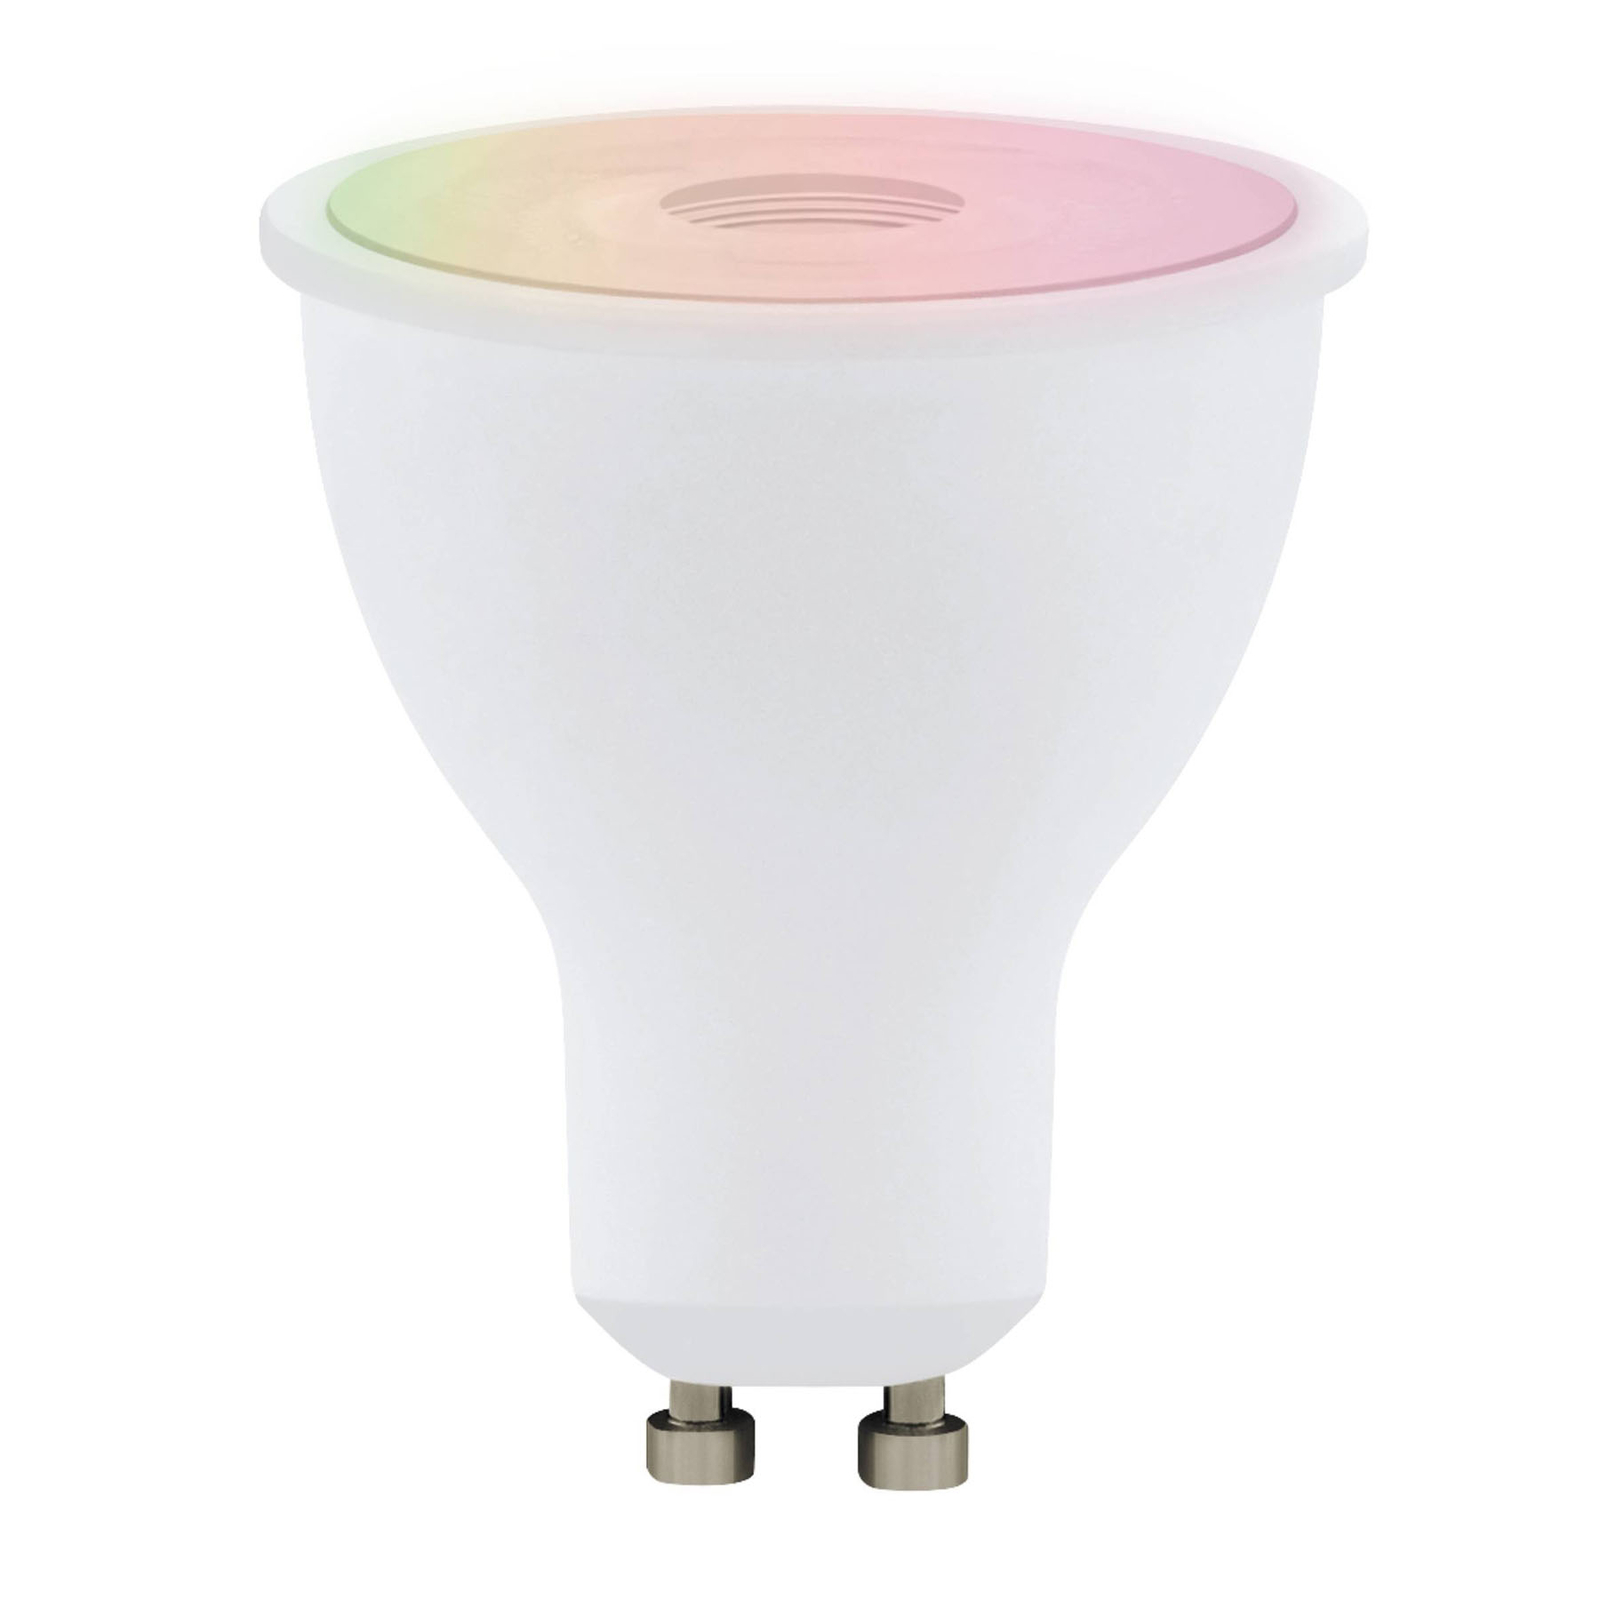 EGLO connect GU10 5W LED RGB+ Tunable White 38°